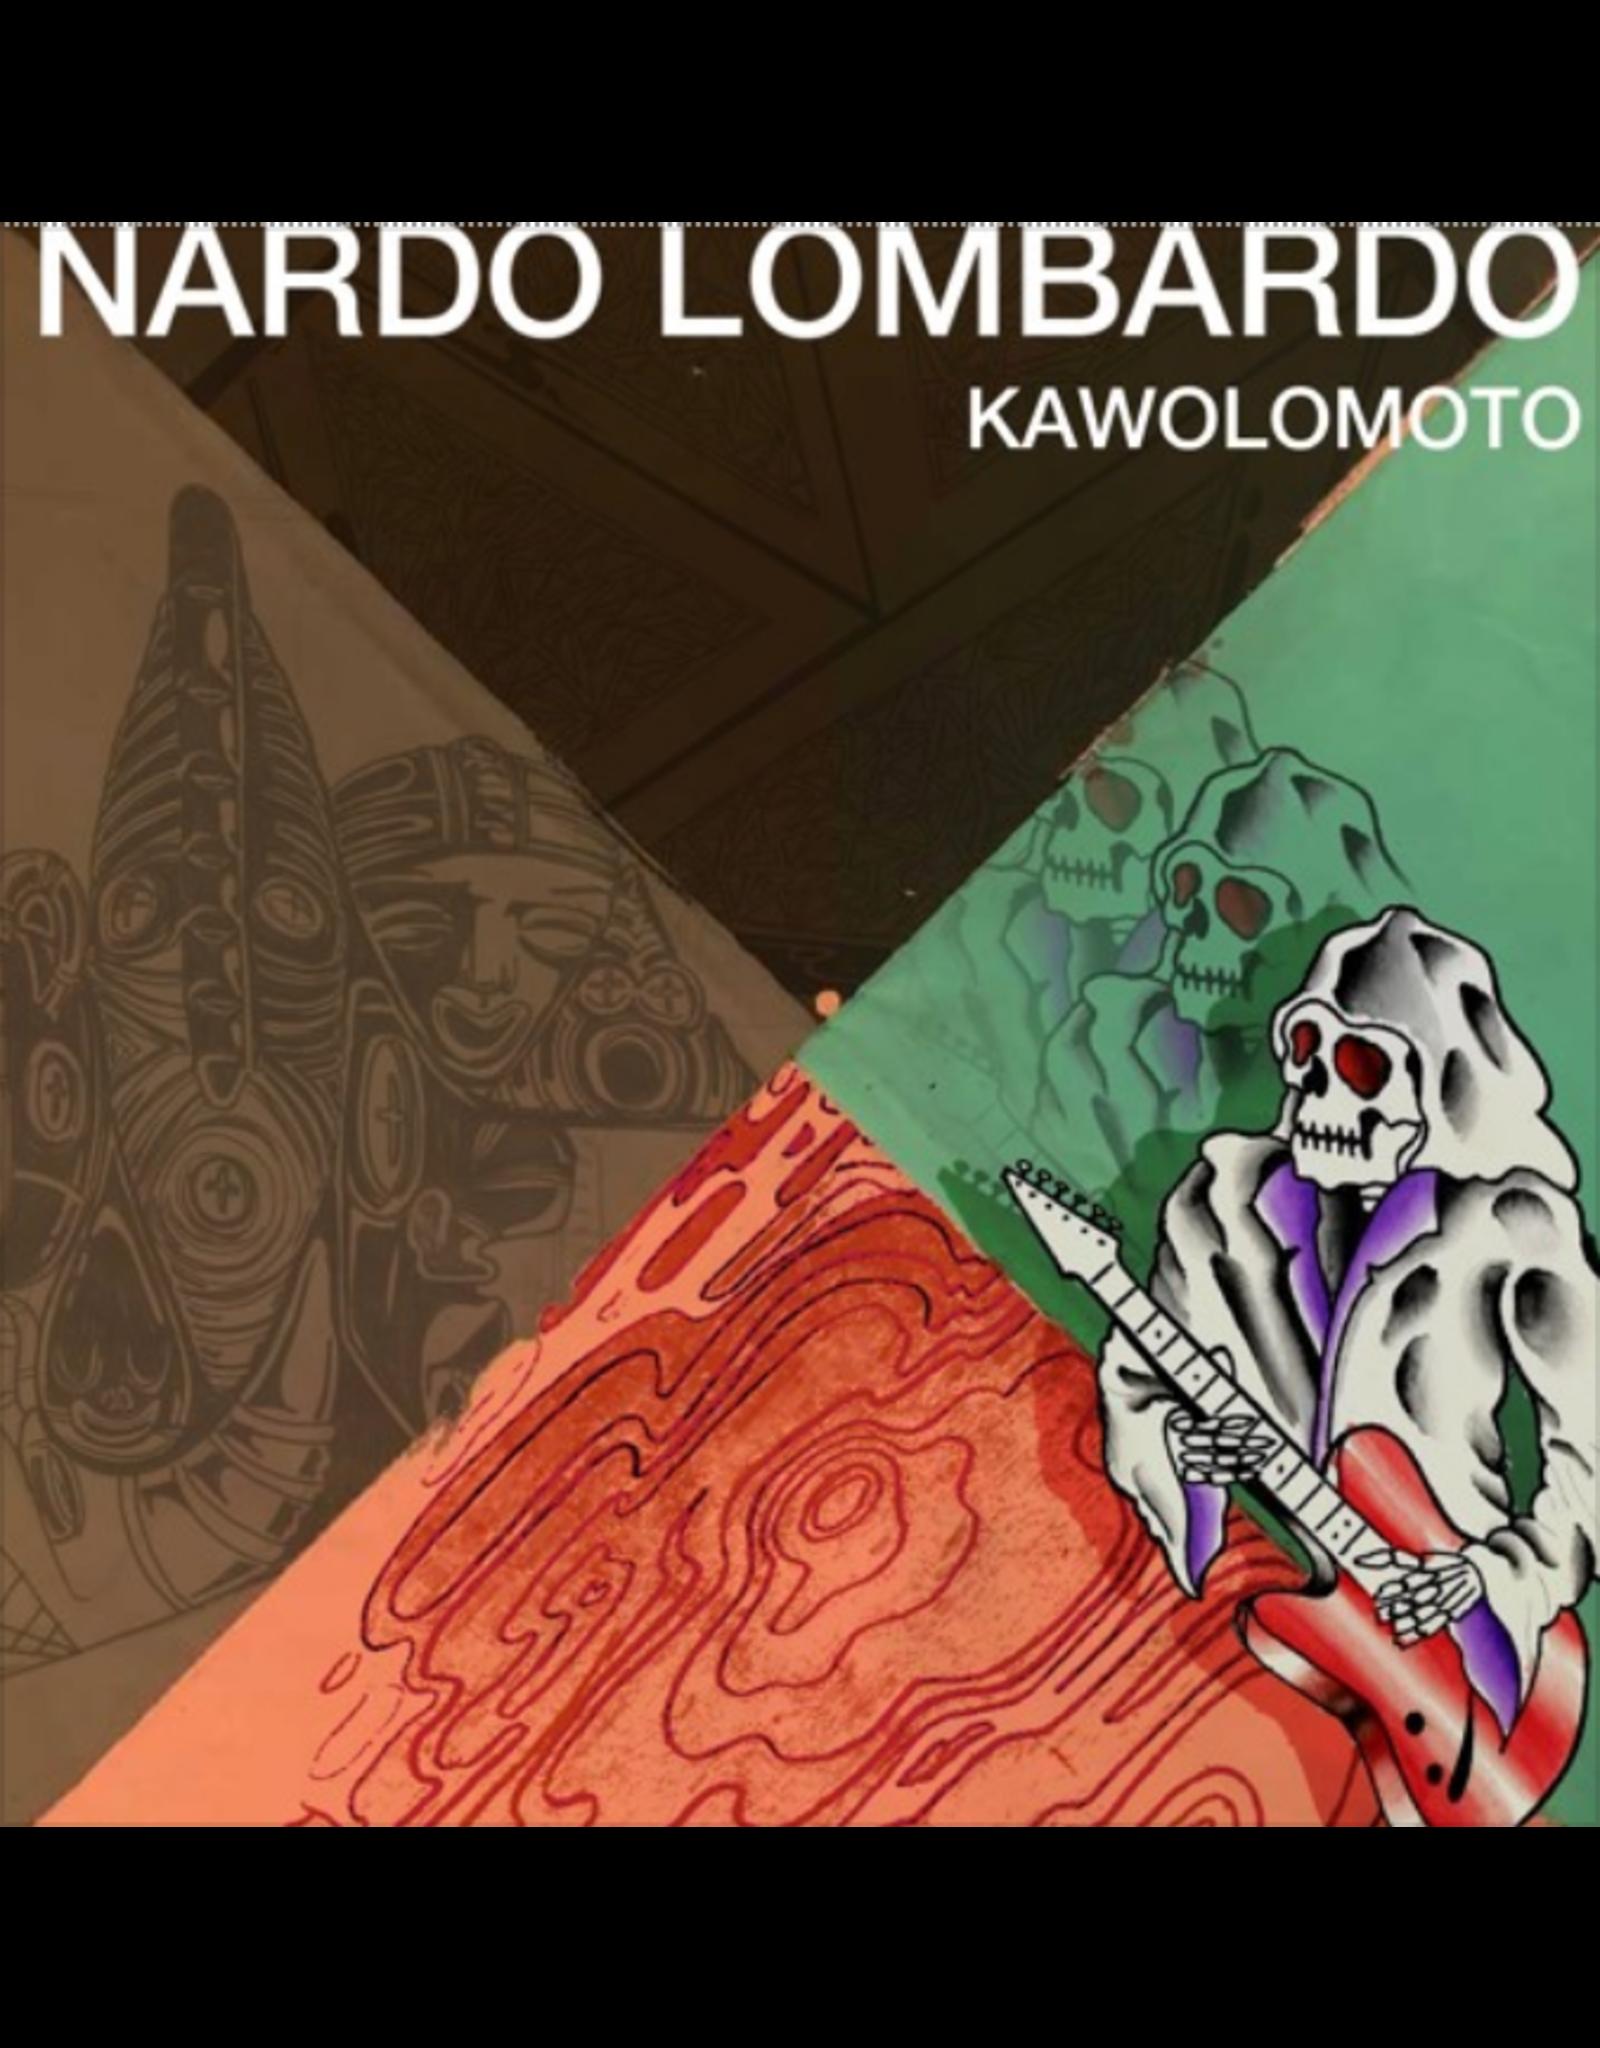 New Vinyl Nardo Lombardo - Kawolomoto LP